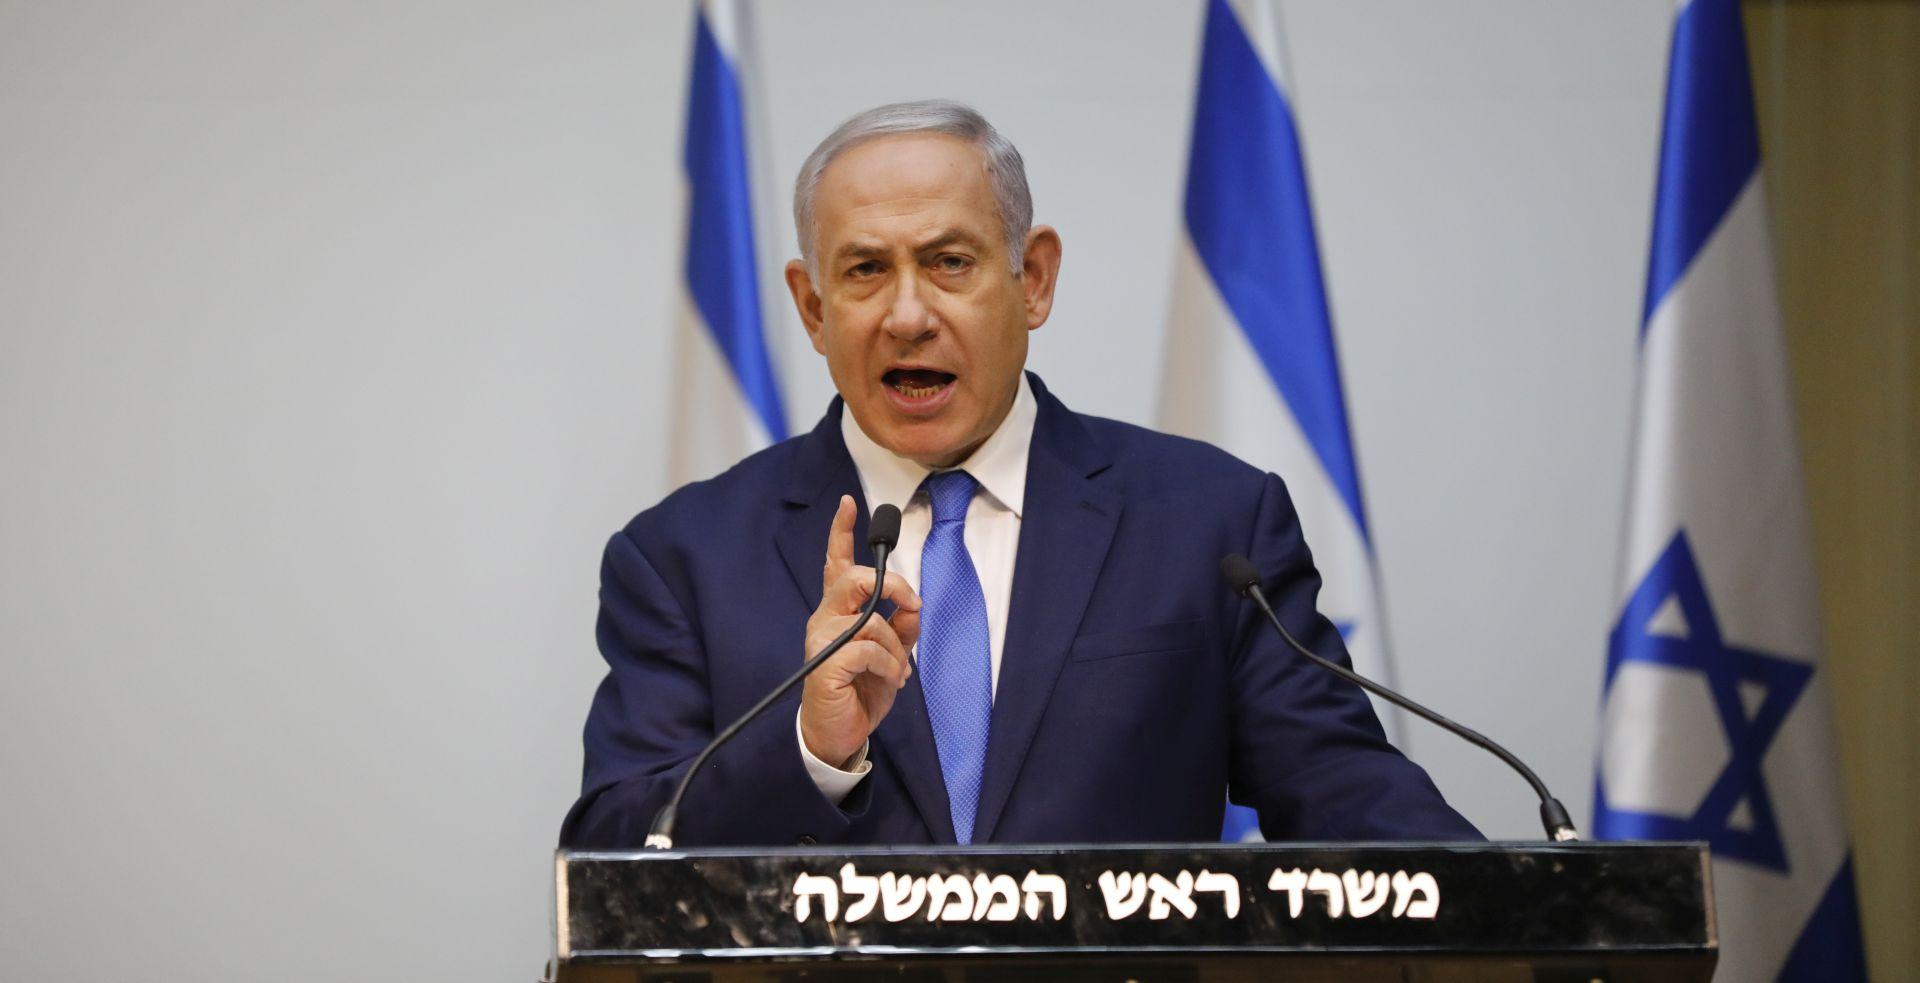 Netanyahu kaže da neće podnijeti ostavku